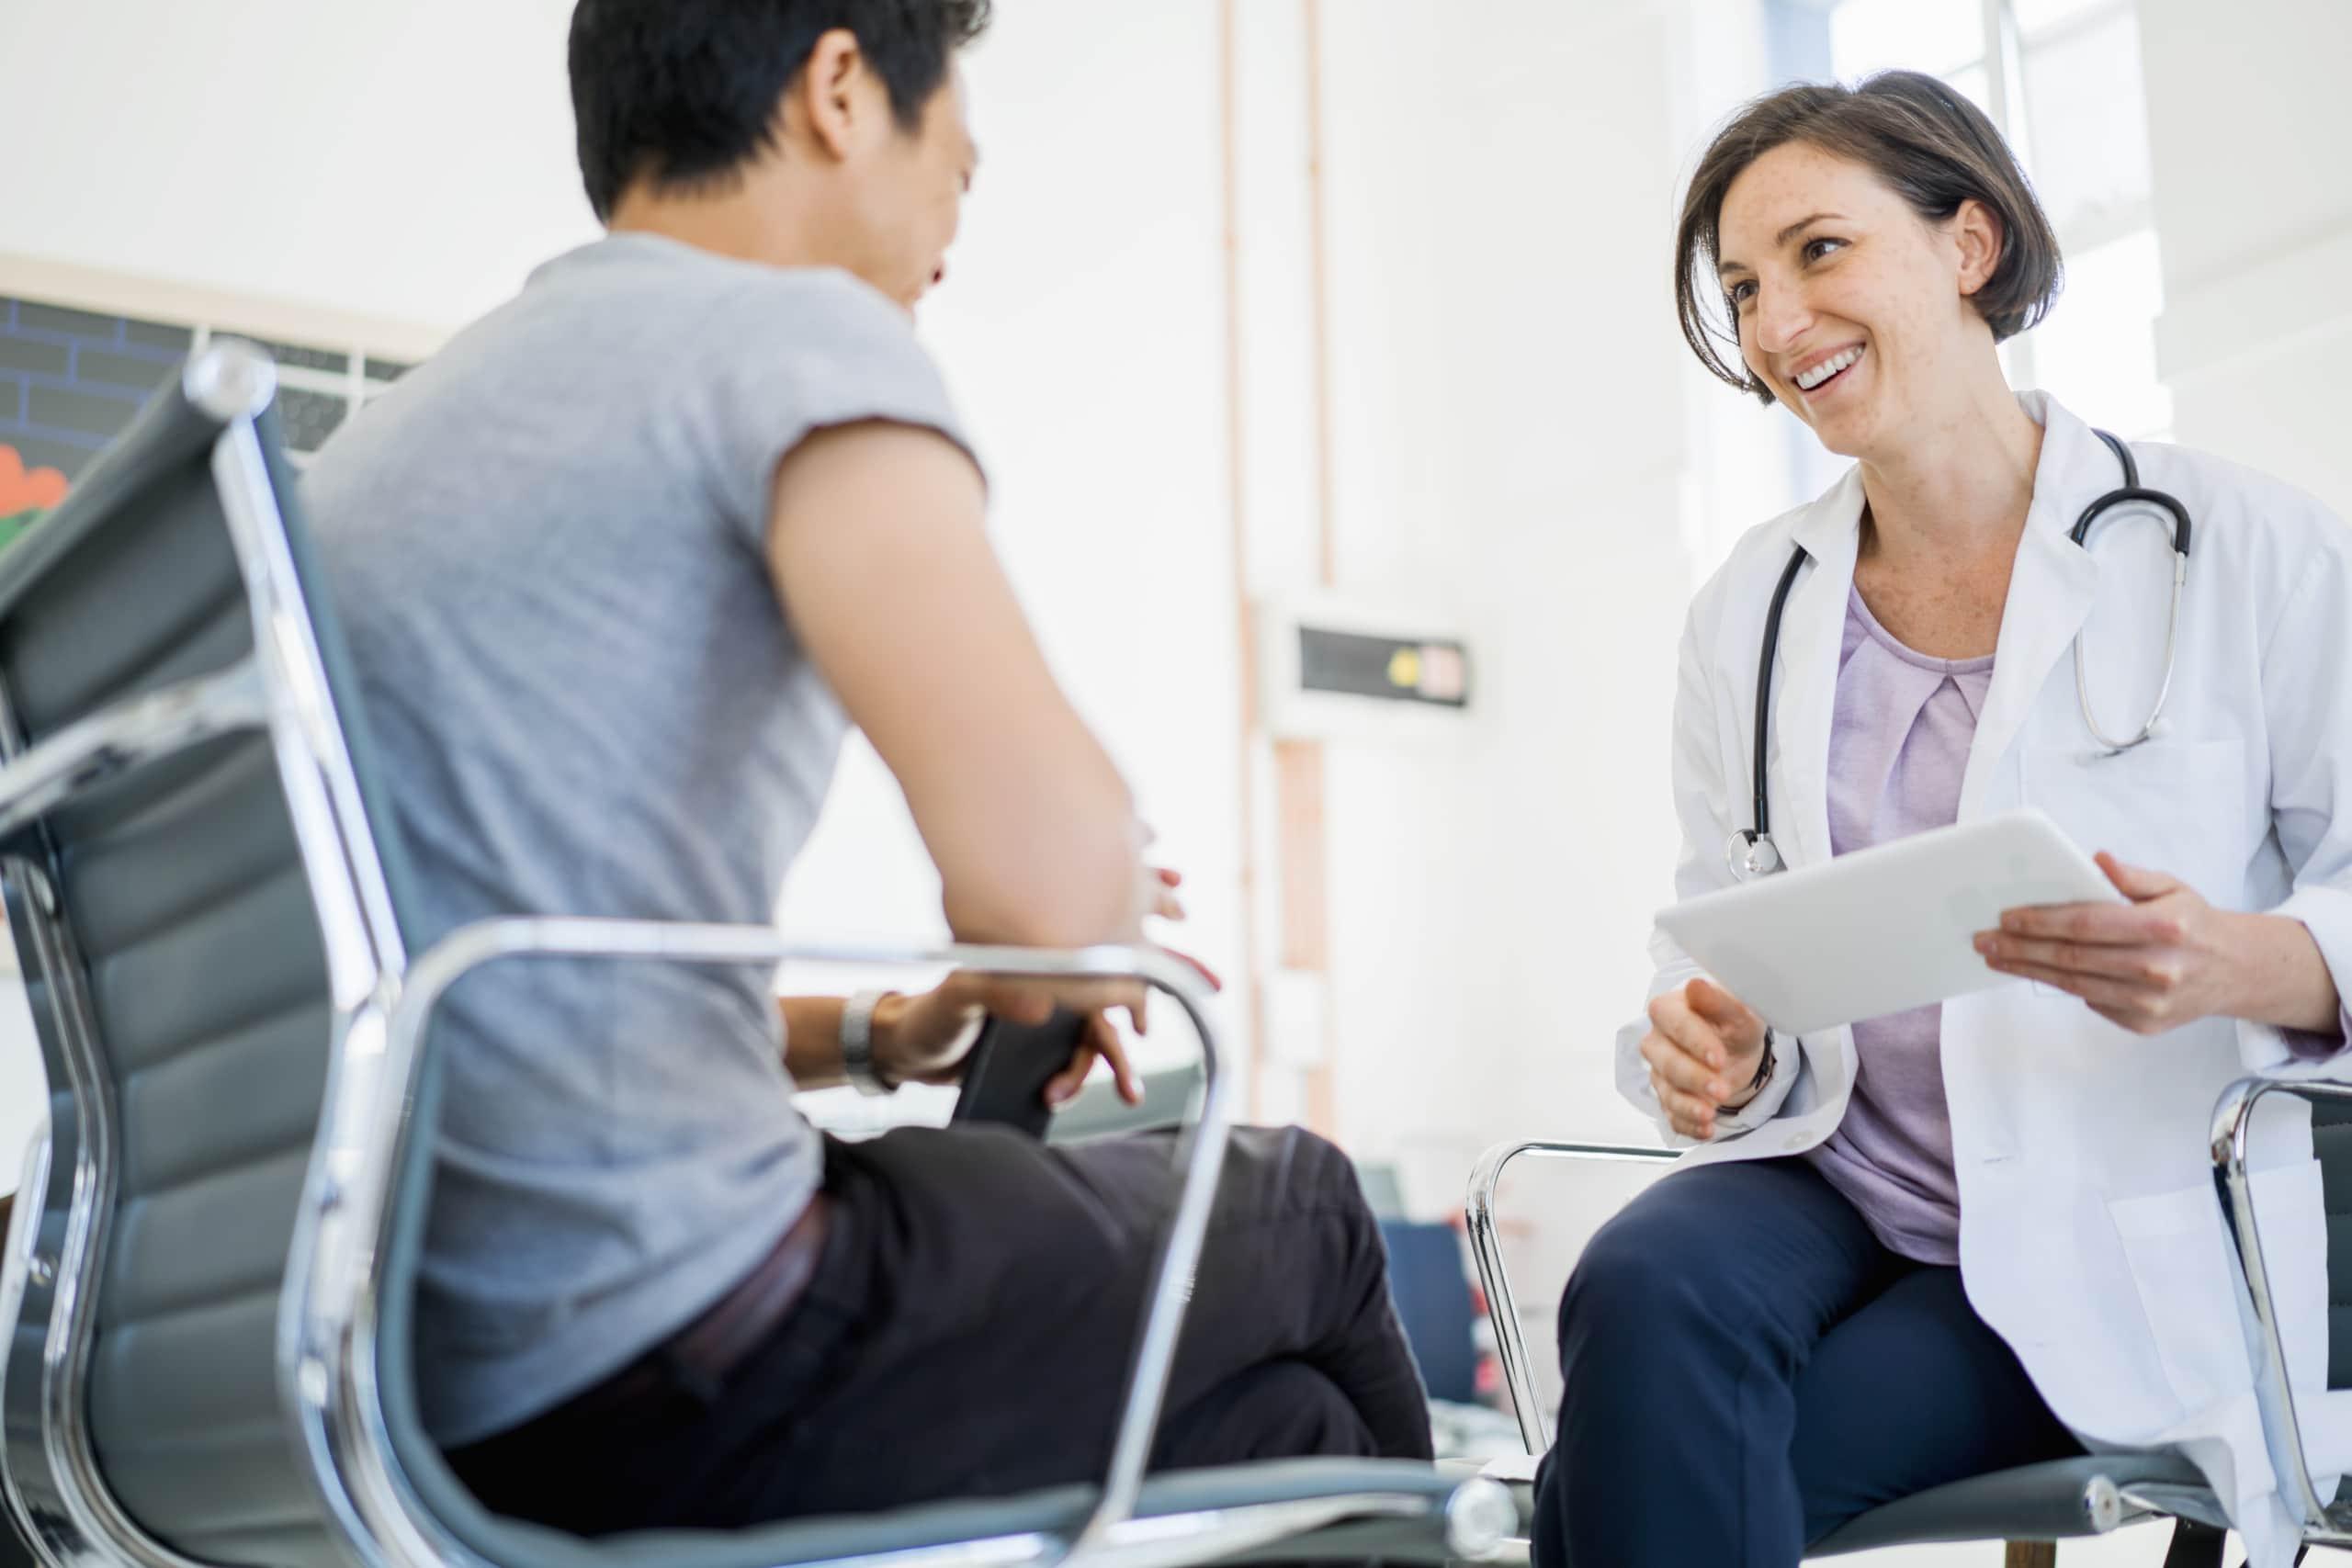 Eine Ärztin spricht mit einem Patienten über seine Blutwerte